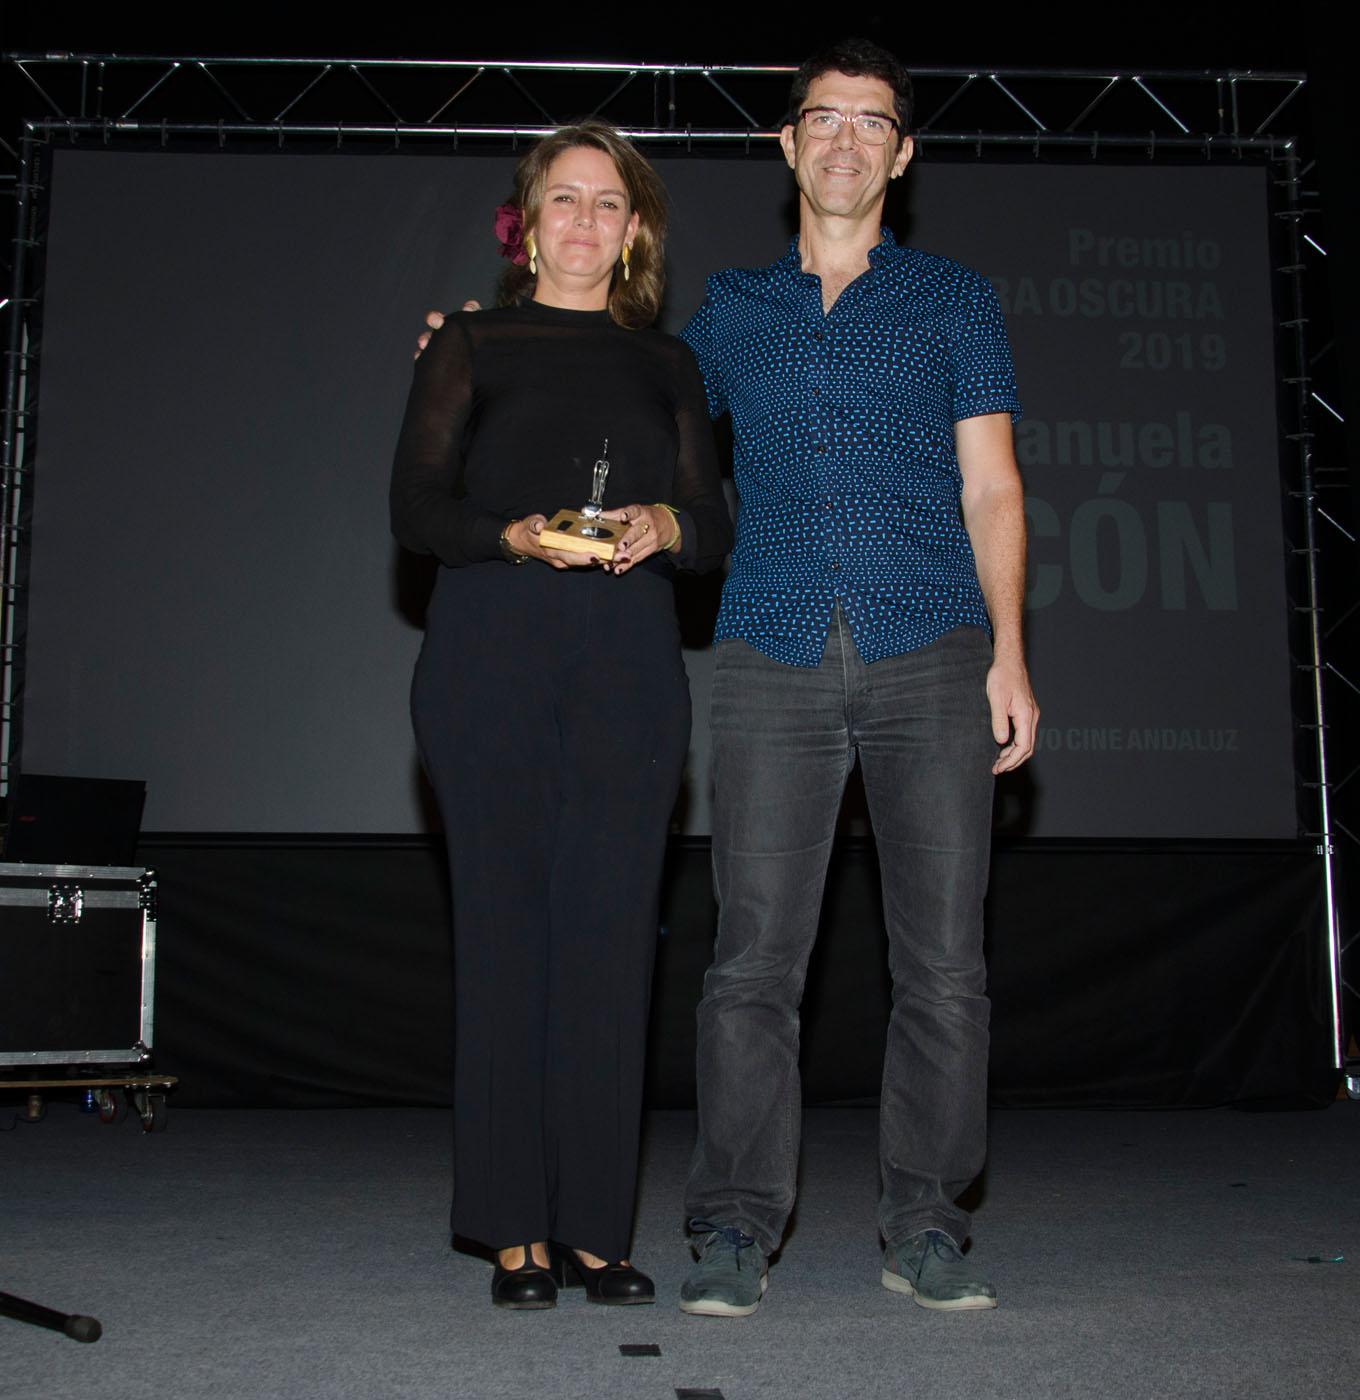 Javier Martos, director del Festival, entrega el premio Cámara Oscura a Manuela Ocón